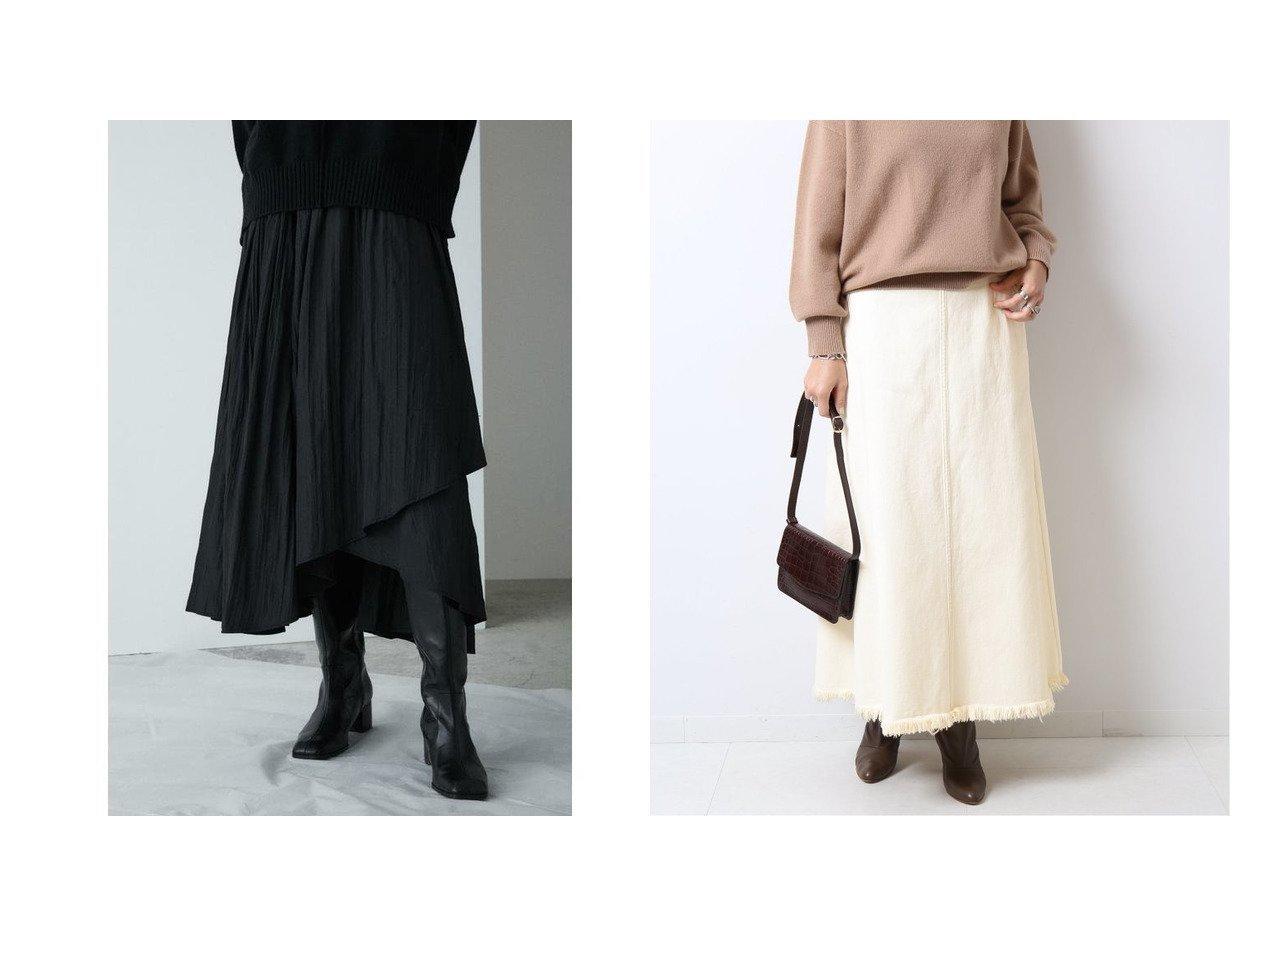 【moussy/マウジー】のASYMMETRY WRAP スカート&【Spick & Span/スピック&スパン】のデニムトラペーズラインスカート スカートのおすすめ!人気、レディースファッションの通販  おすすめで人気のファッション通販商品 インテリア・家具・キッズファッション・メンズファッション・レディースファッション・服の通販 founy(ファニー) https://founy.com/ ファッション Fashion レディース WOMEN スカート Skirt Aライン/フレアスカート Flared A-Line Skirts ラップ ロング ワッシャー シンプル デニム フリンジ フレア  ID:crp329100000004039